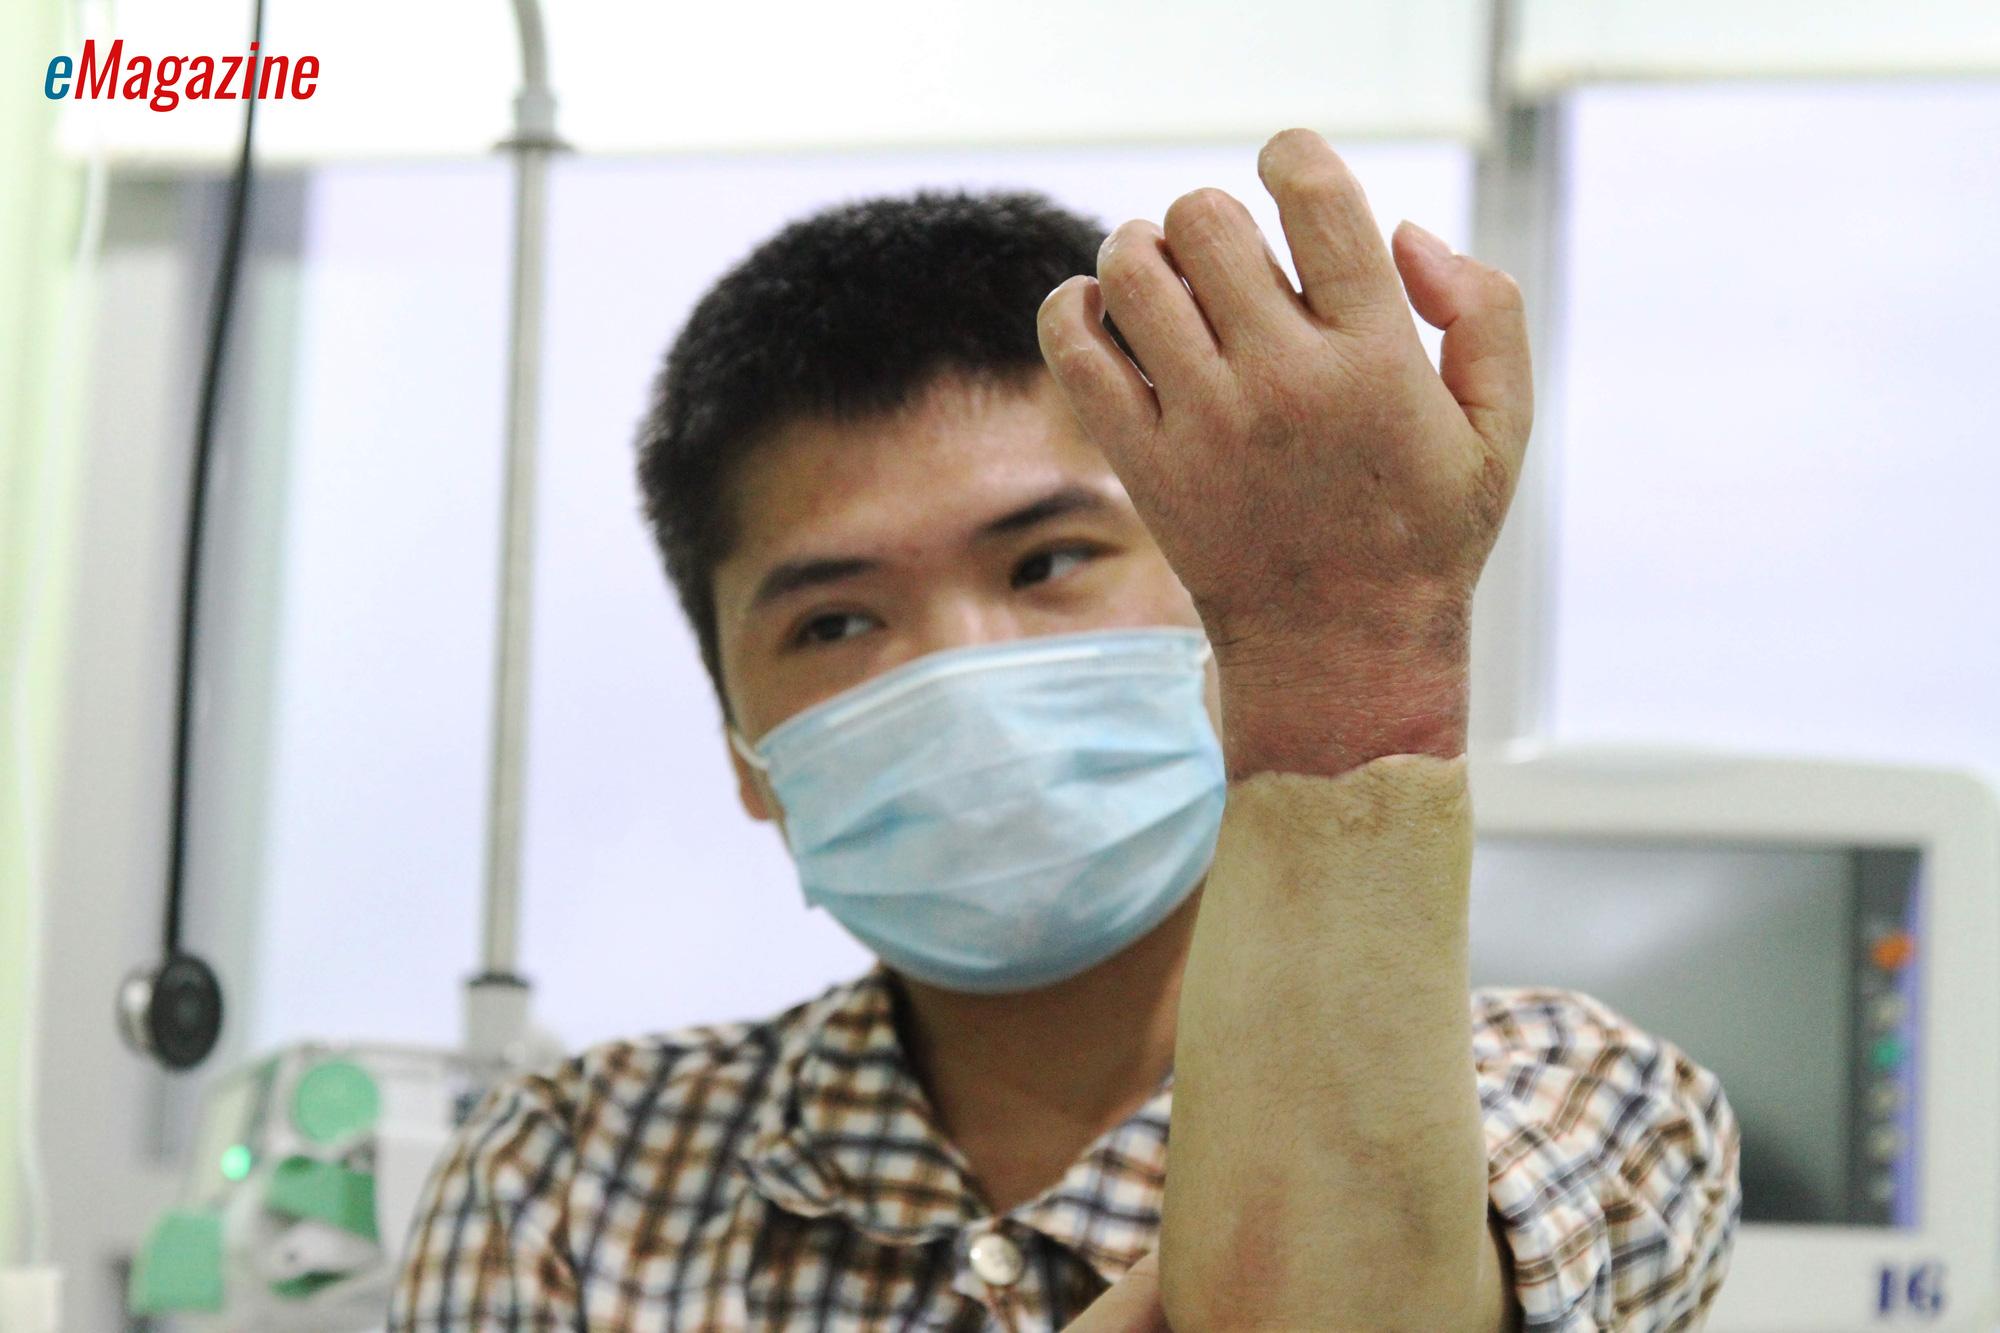 Kỳ tích bác sĩ Việt: Chuyện chưa kể về ca ghép chi đầu tiên trên thế giới từ người cho còn sống - Ảnh 3.